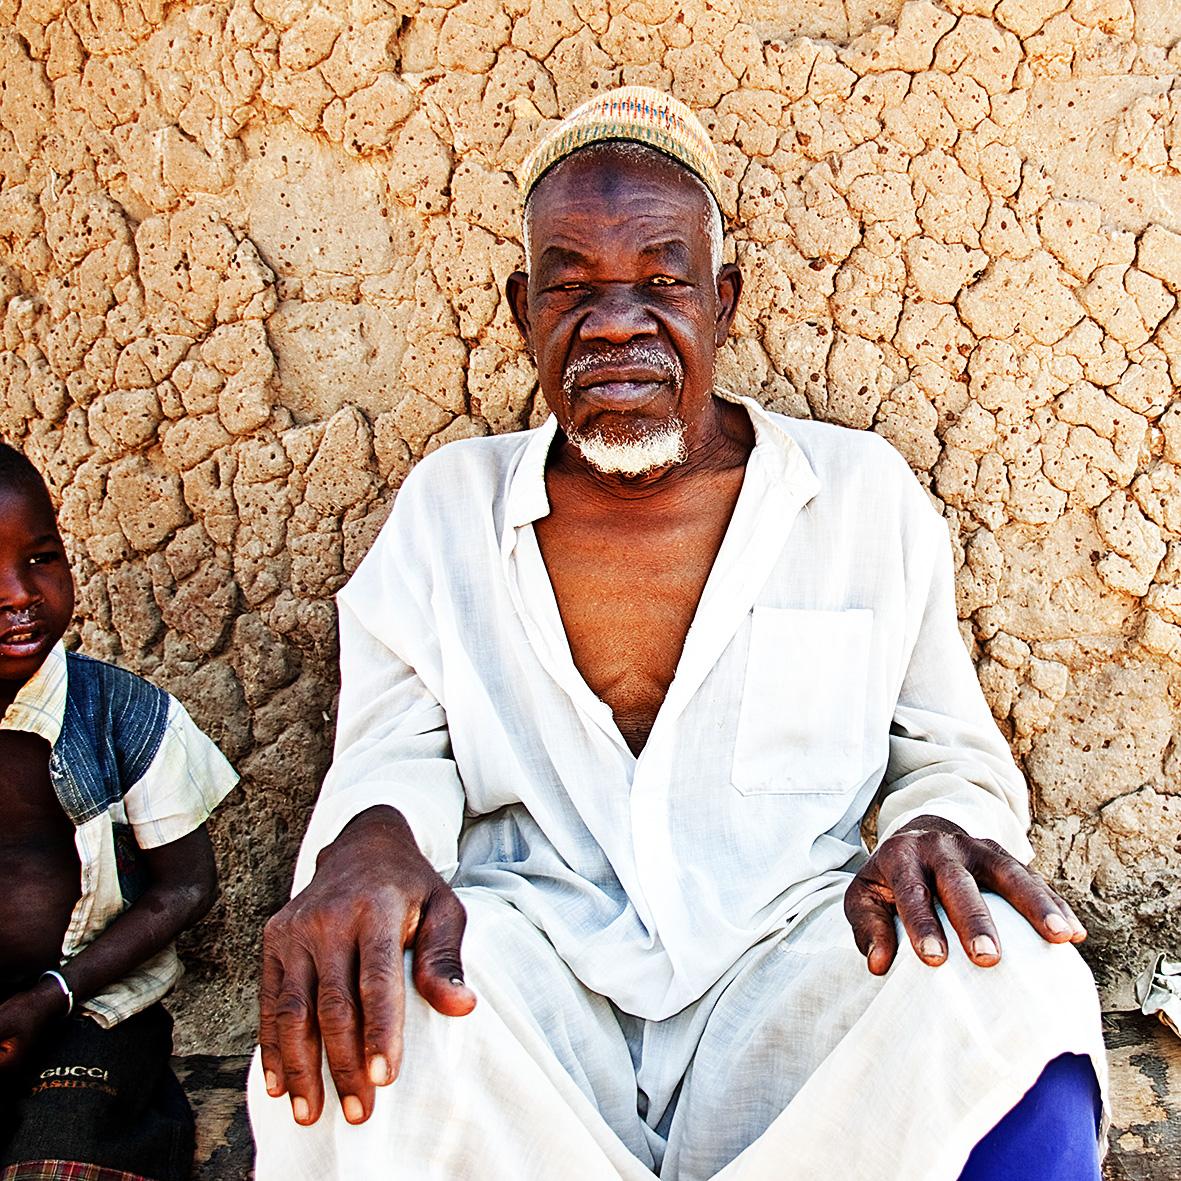 #Afrique 11. Burkina Faso, Banfora. 2010